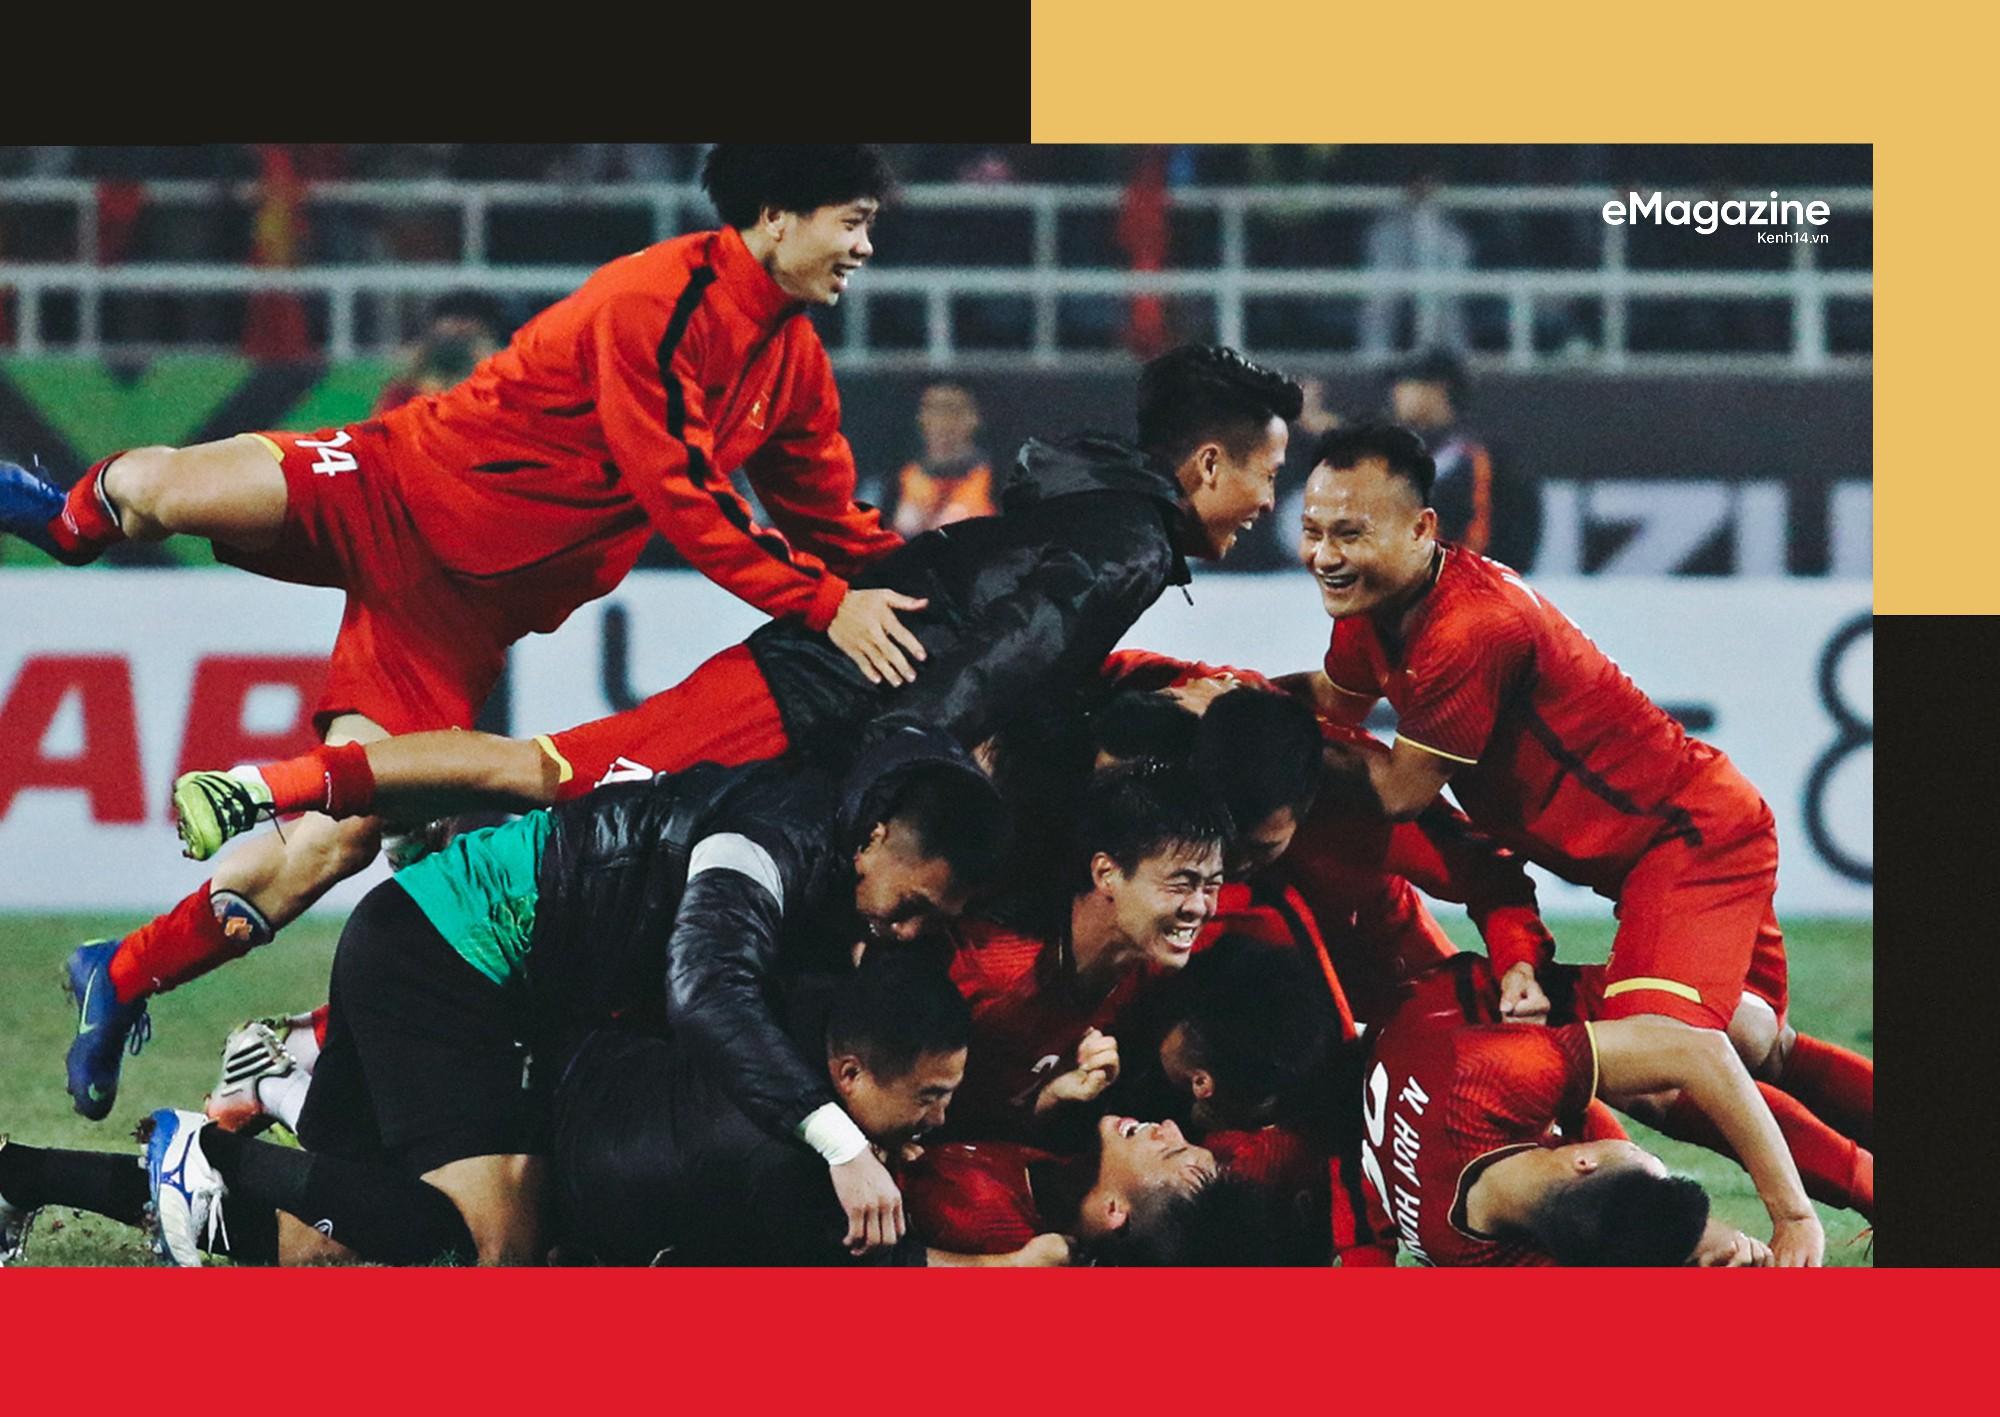 """Đón chờ trận tứ kết Asian Cup trong mơ: """"Với lứa cầu thủ trẻ này, giới hạn của họ có lẽ là bầu trời"""" - Ảnh 2."""